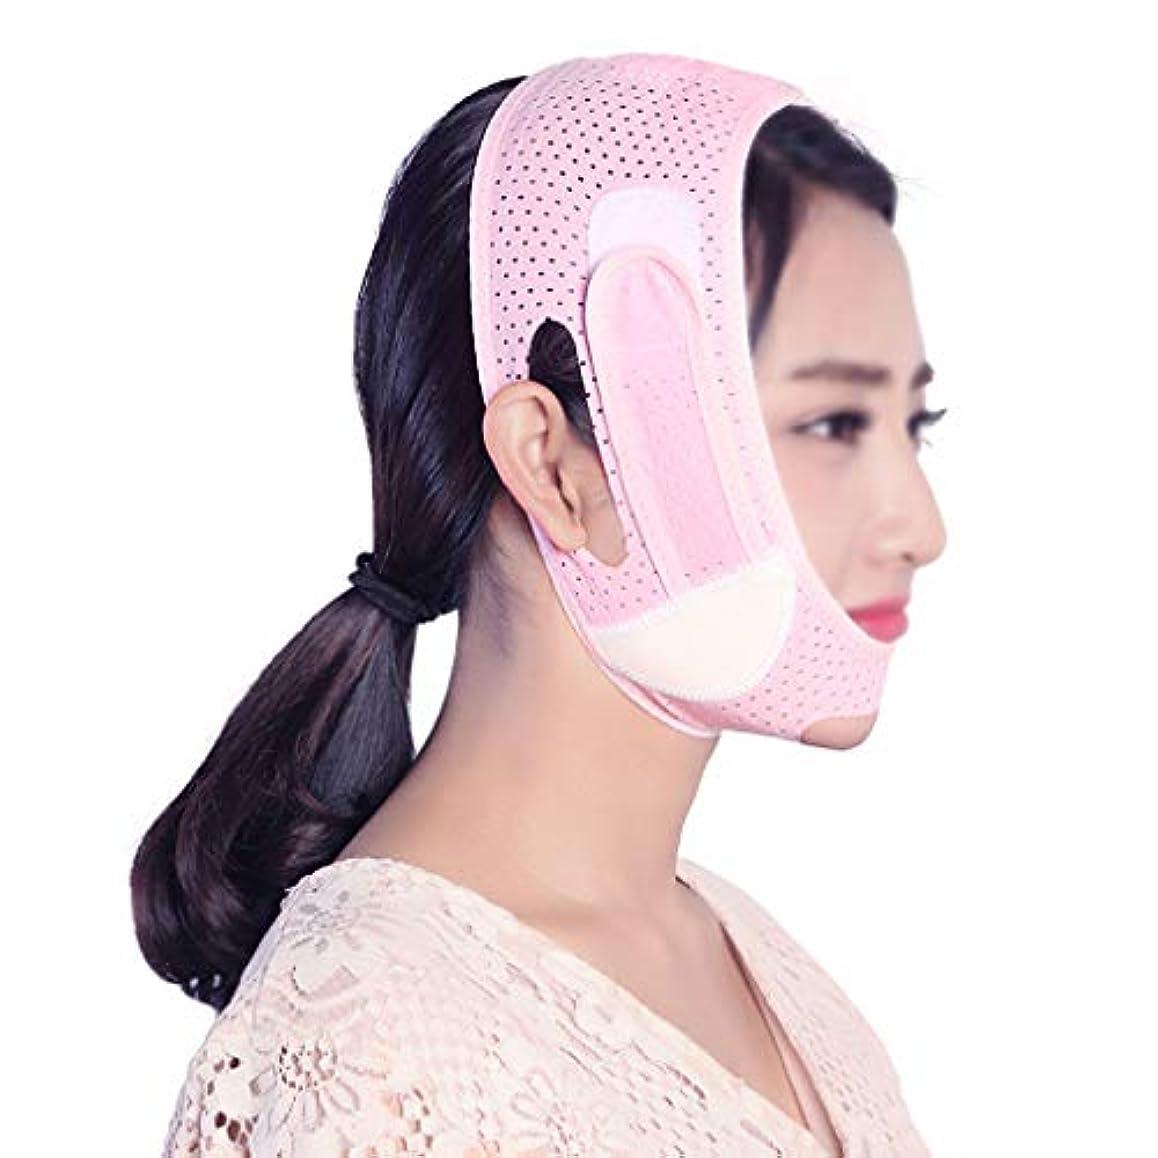 母性カスケード幽霊TLMY スリムな包帯フェイシャルトリートメント強化フェイシャルチークV型アンチリンクルダブルチンビューティツール 顔用整形マスク